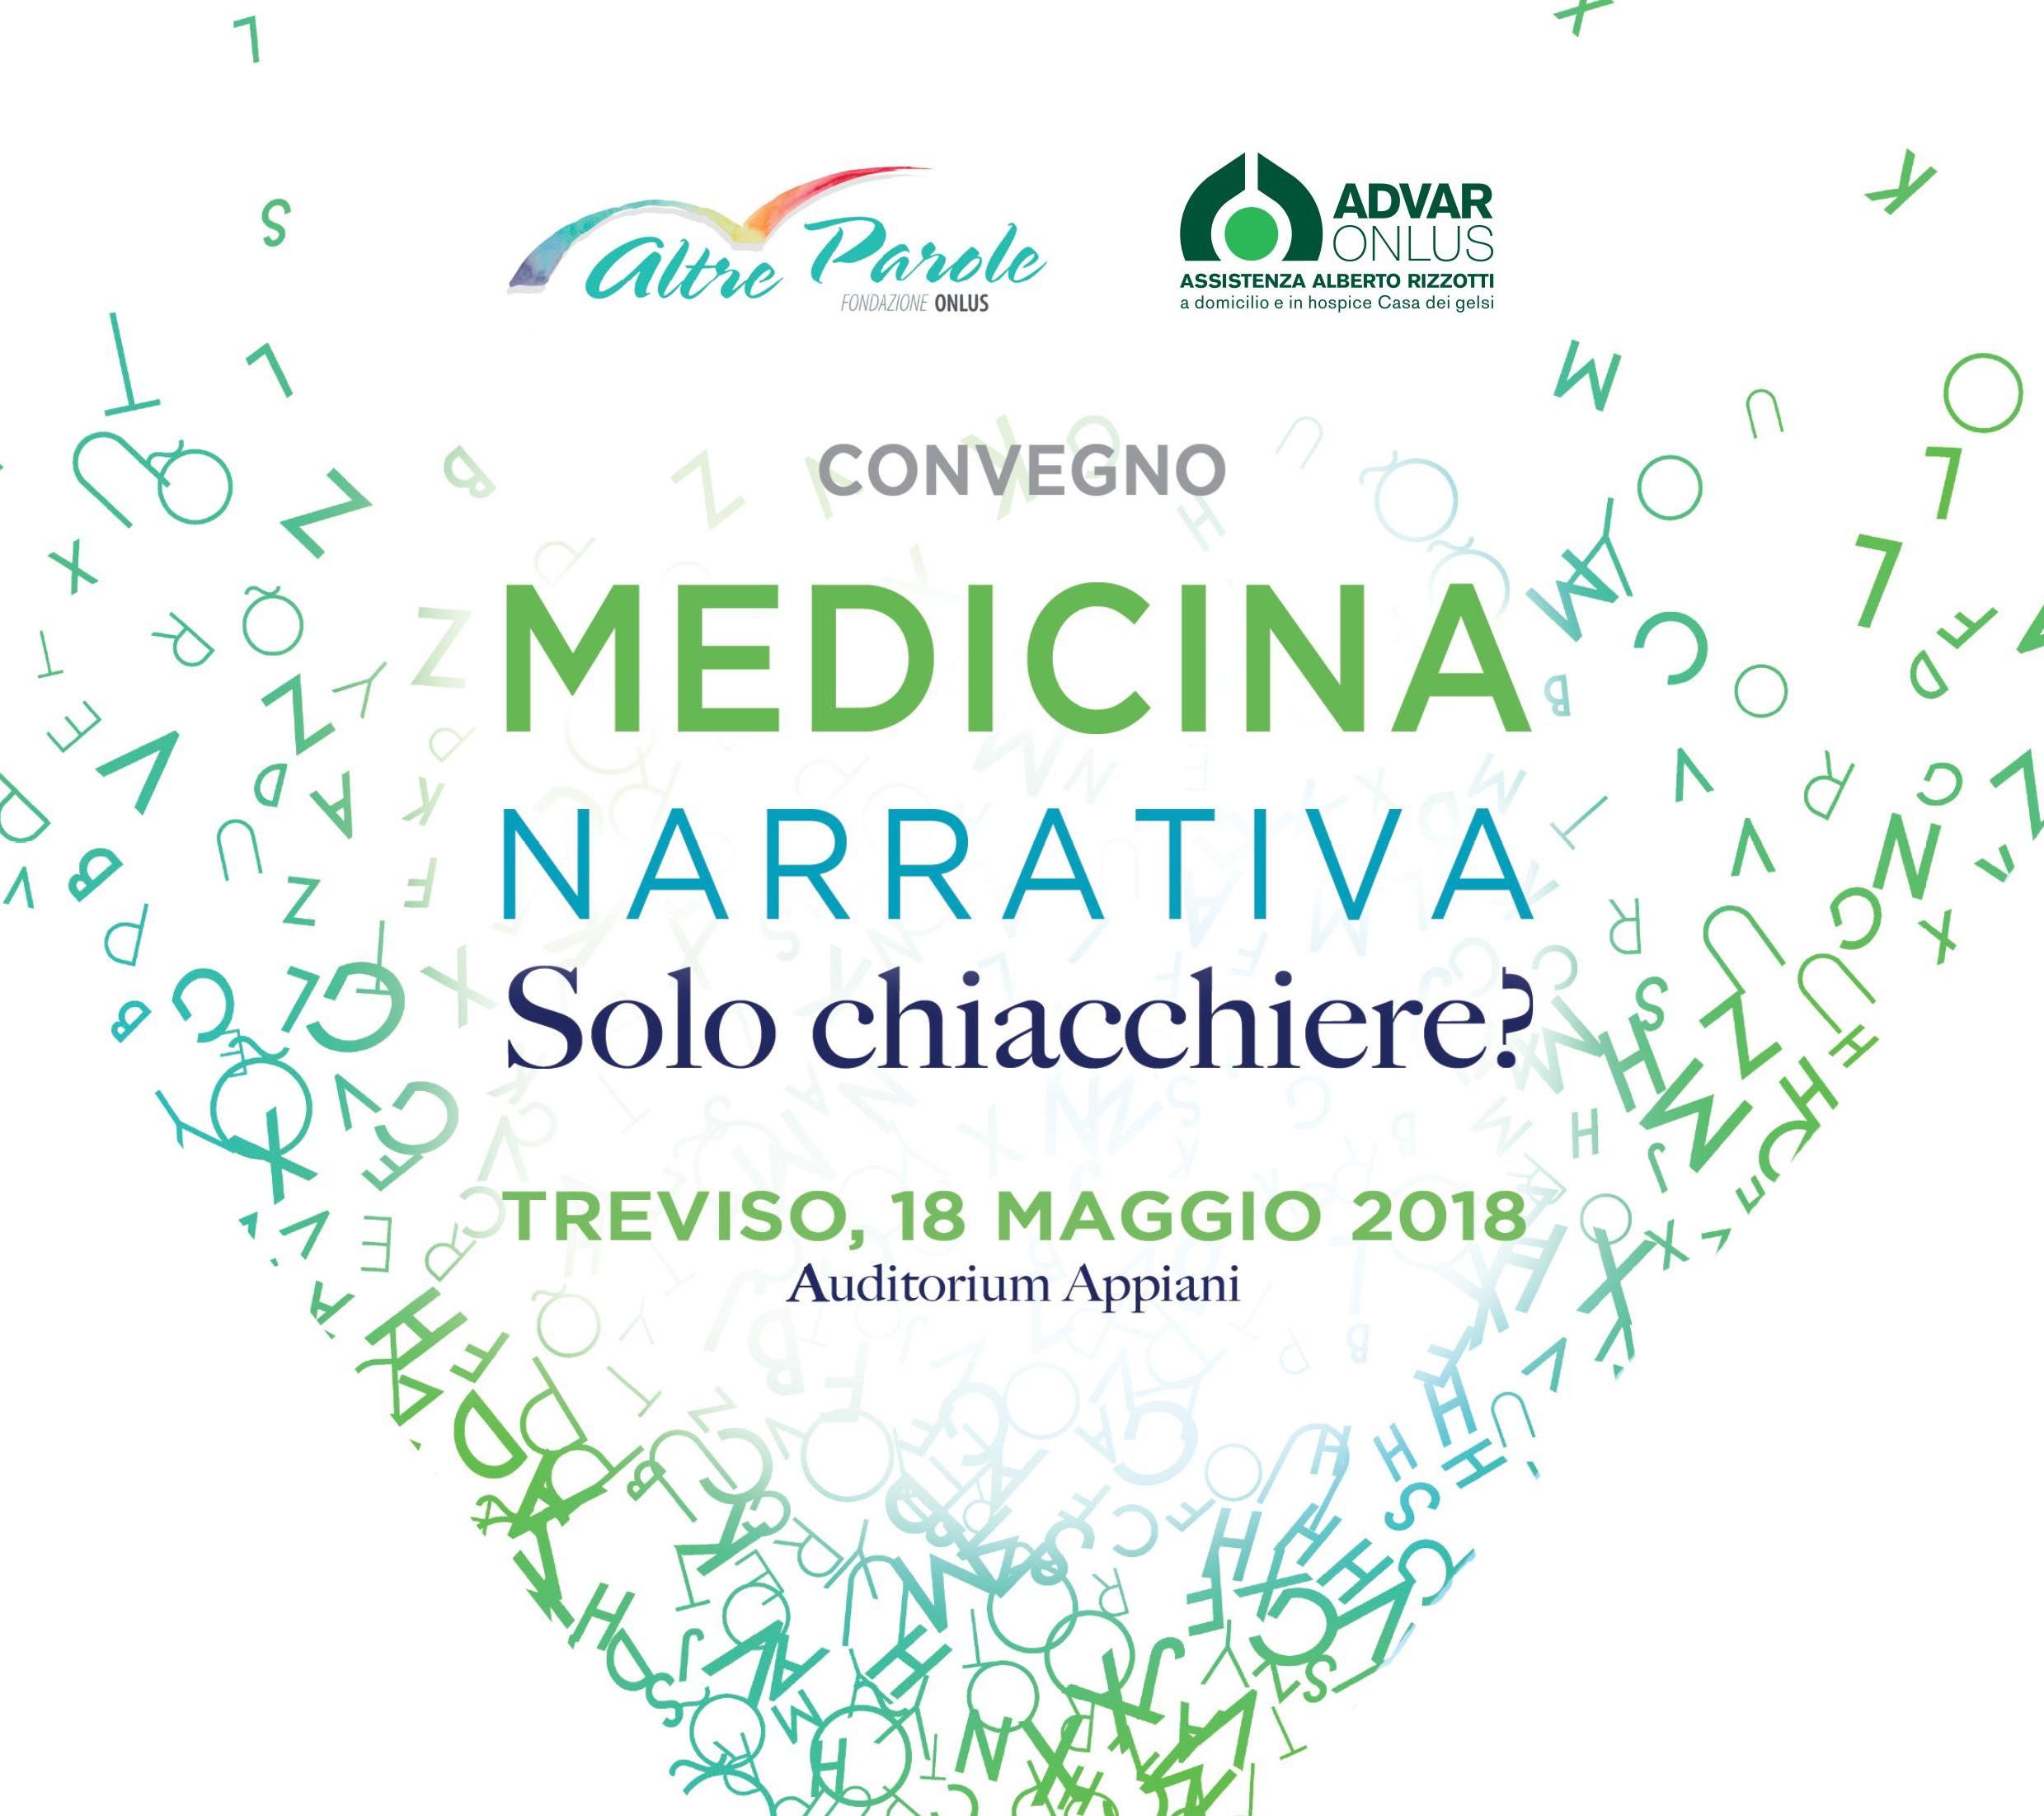 Convegno di medicina narrativa del 18 maggio 2018